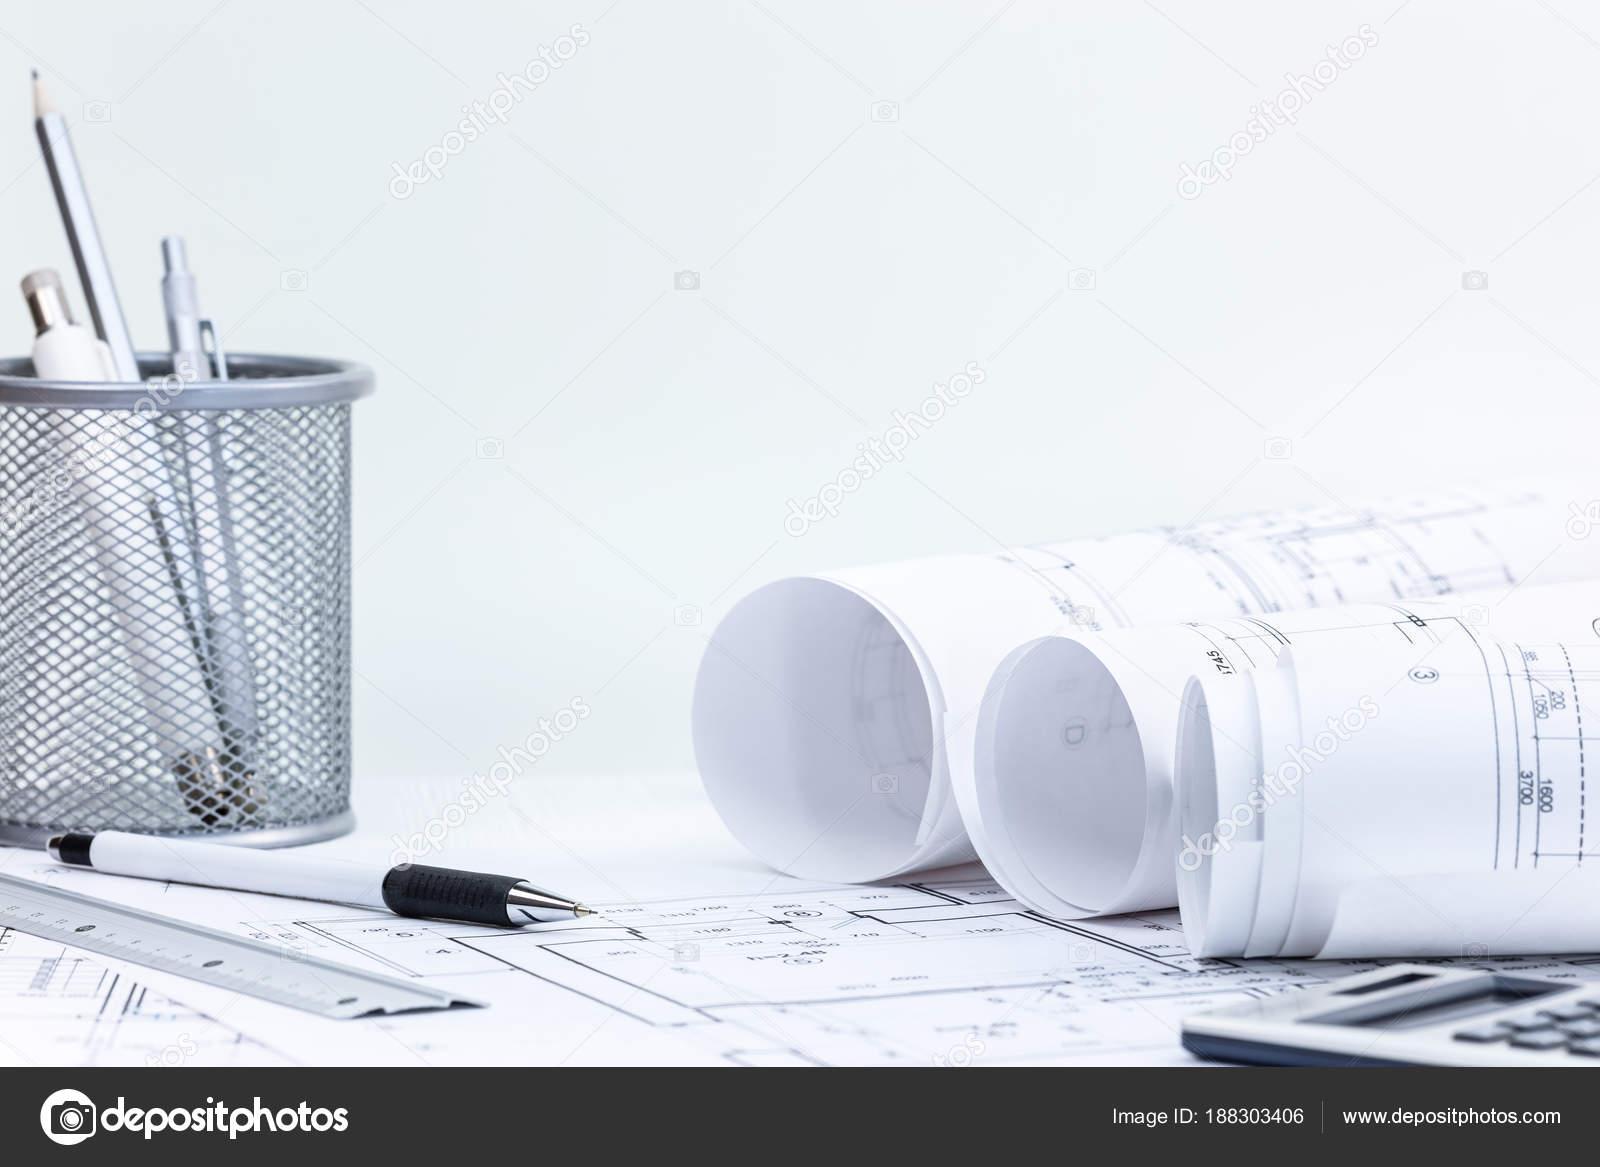 Blaupause Rollt Mit Bauplänen, Bleistift, Lineal Und Taschenrechner Auf  Schreibtisch U2014 Stockfoto